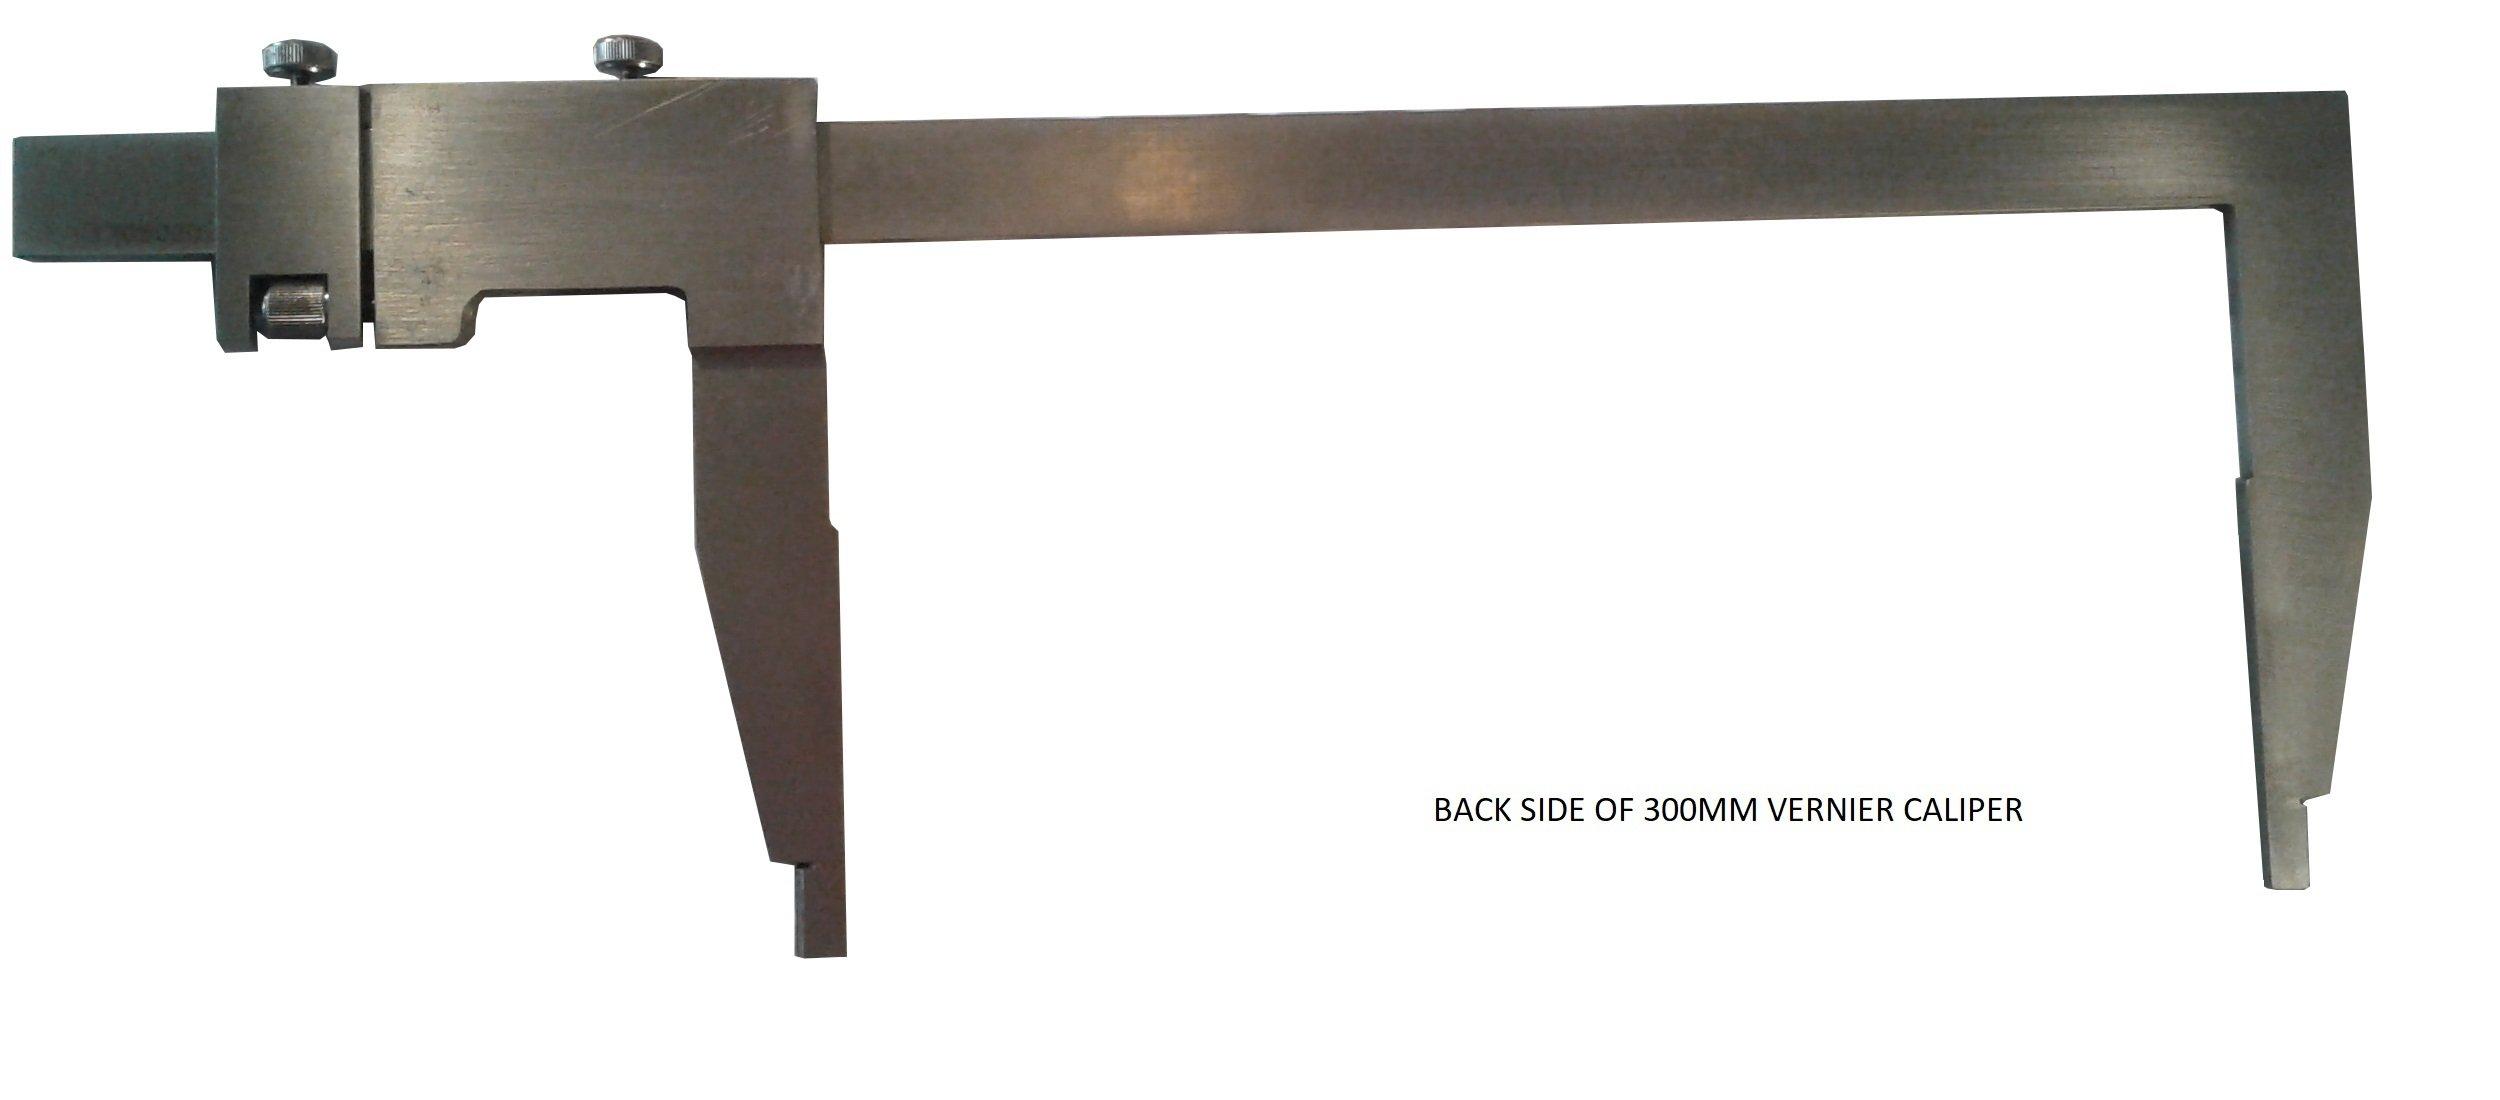 Long Jaw Vernier Caliper 300mm 12'' Heavy Duty Steel w/ Case by Generic (Image #3)